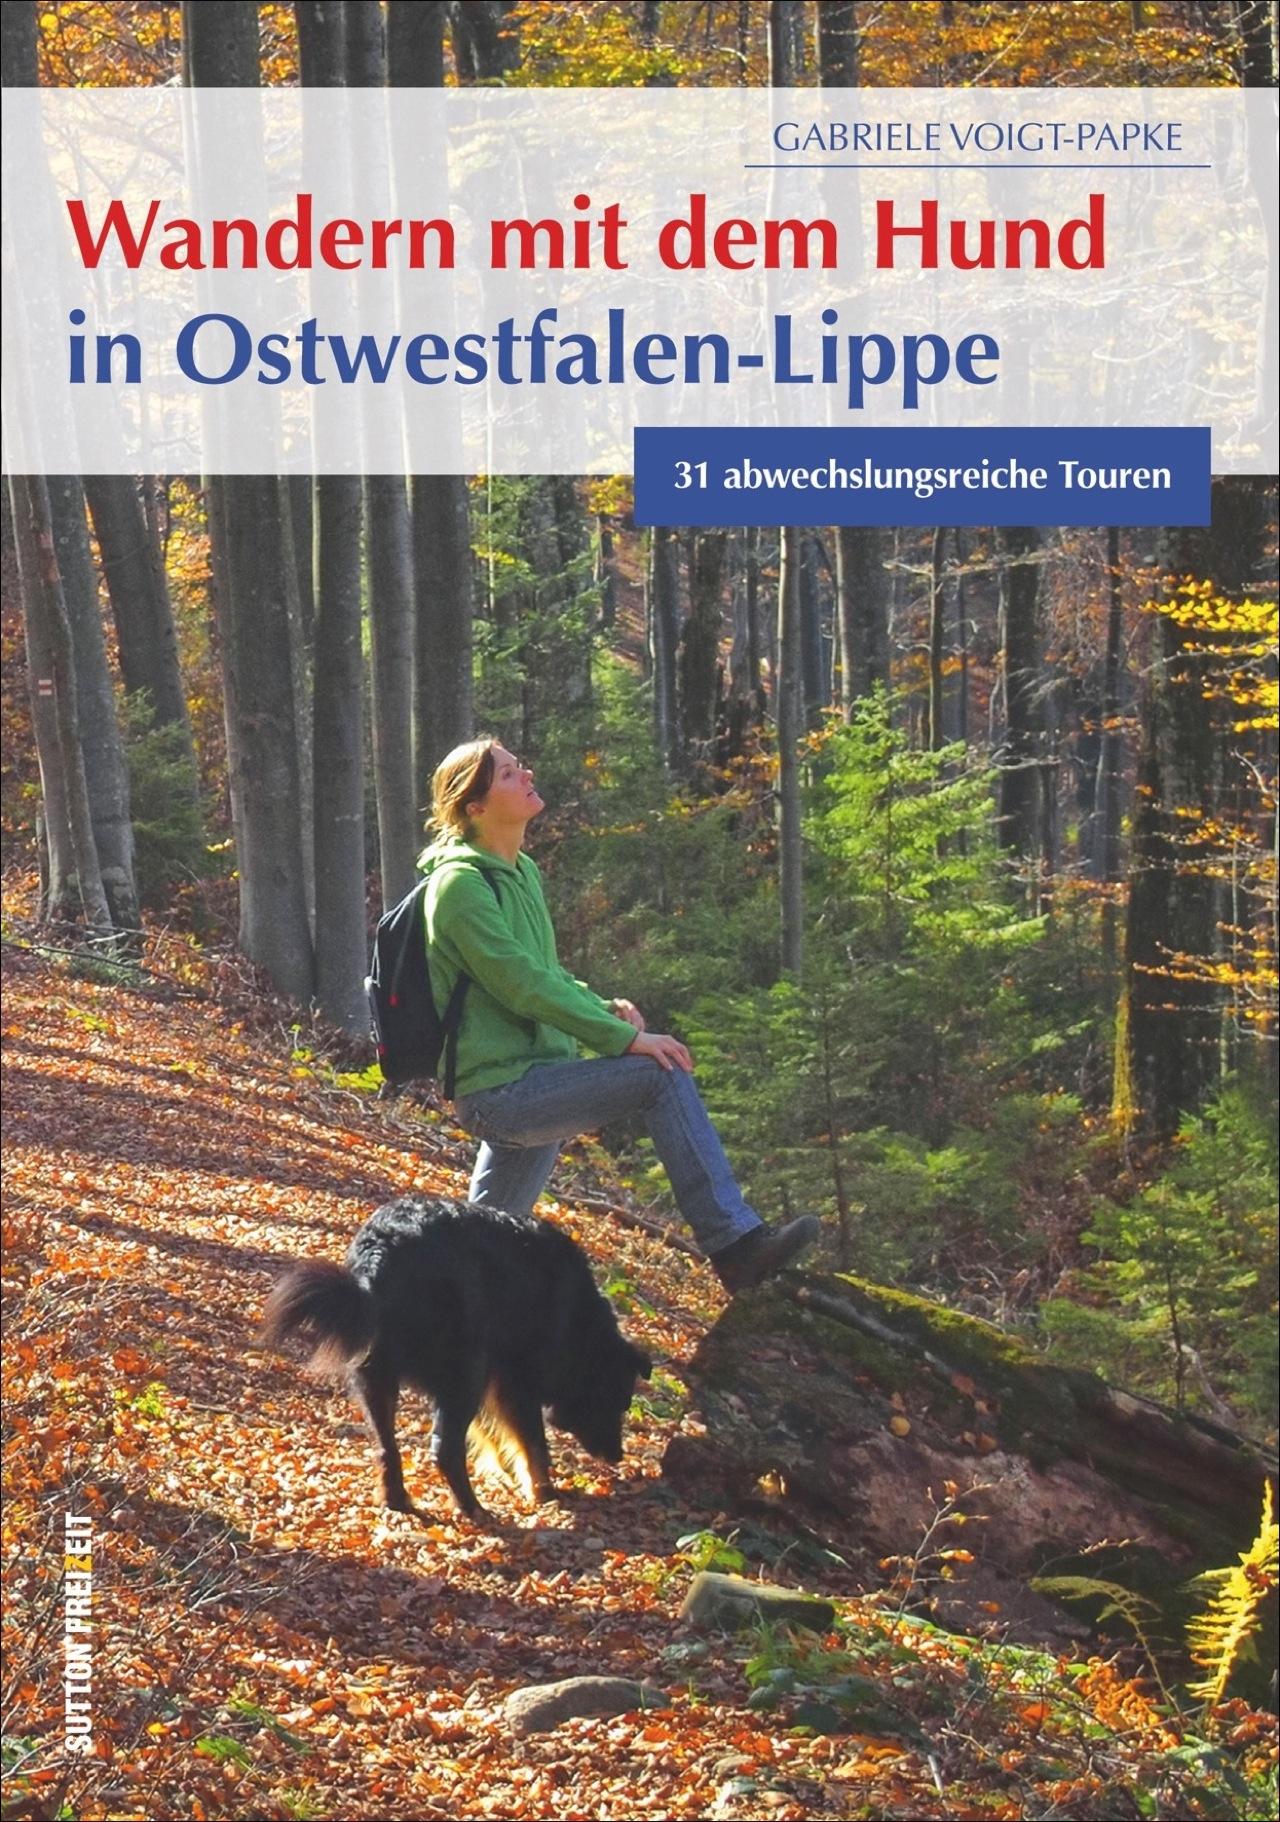 Wandern mit dem Hund in Ostwestfalen-Lippe - Vo...